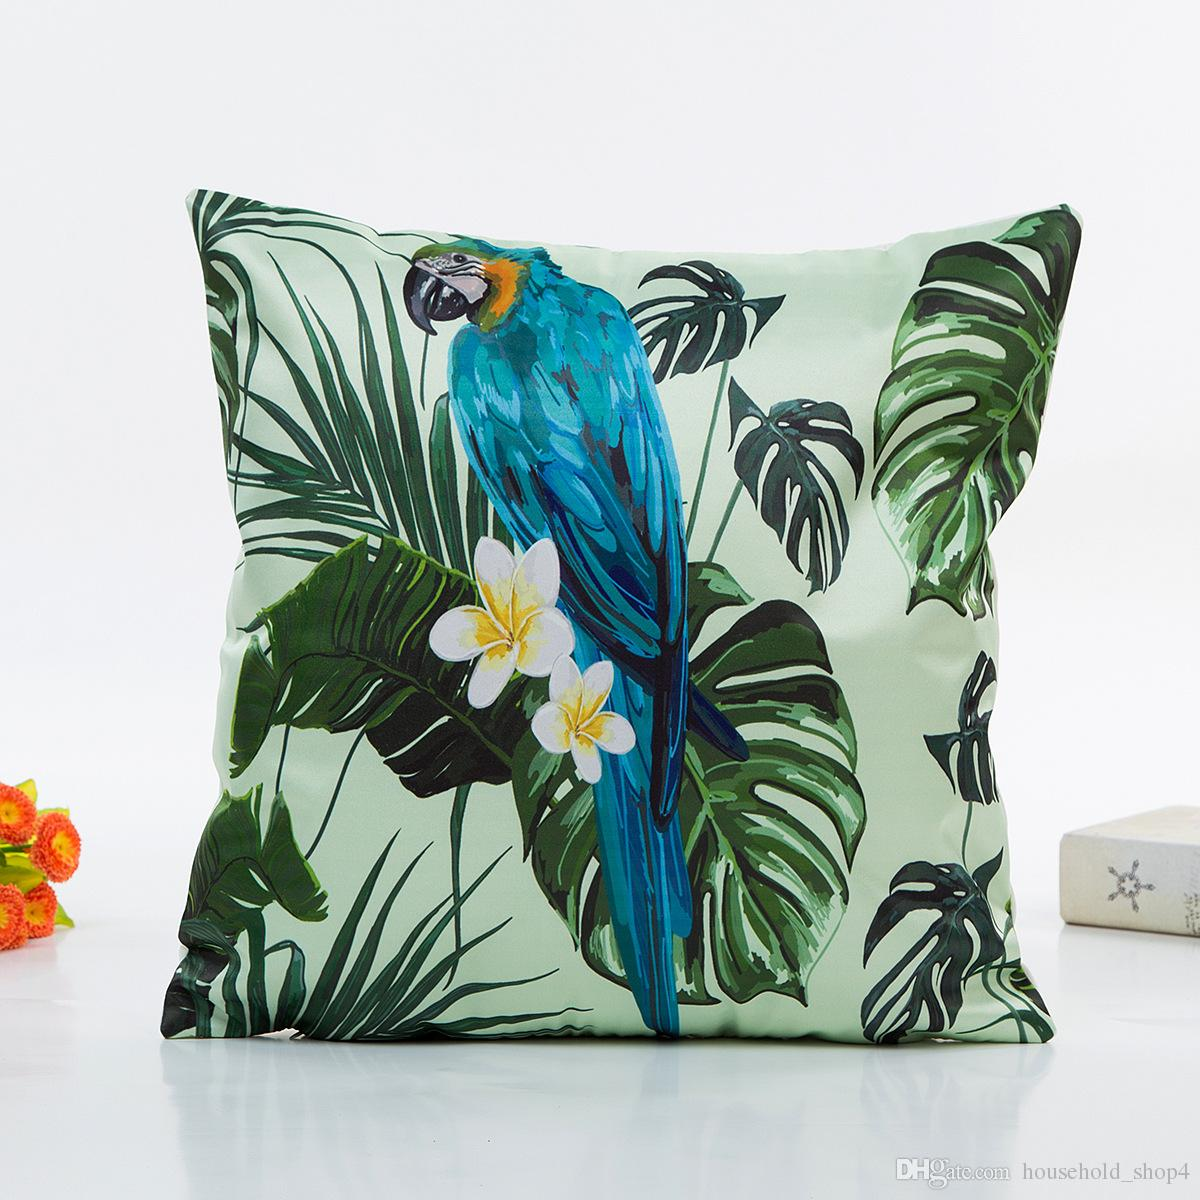 Cushion for summer green plants tropic leaves pillow case hawaii print digital print pillow home decor sofa cushion cover